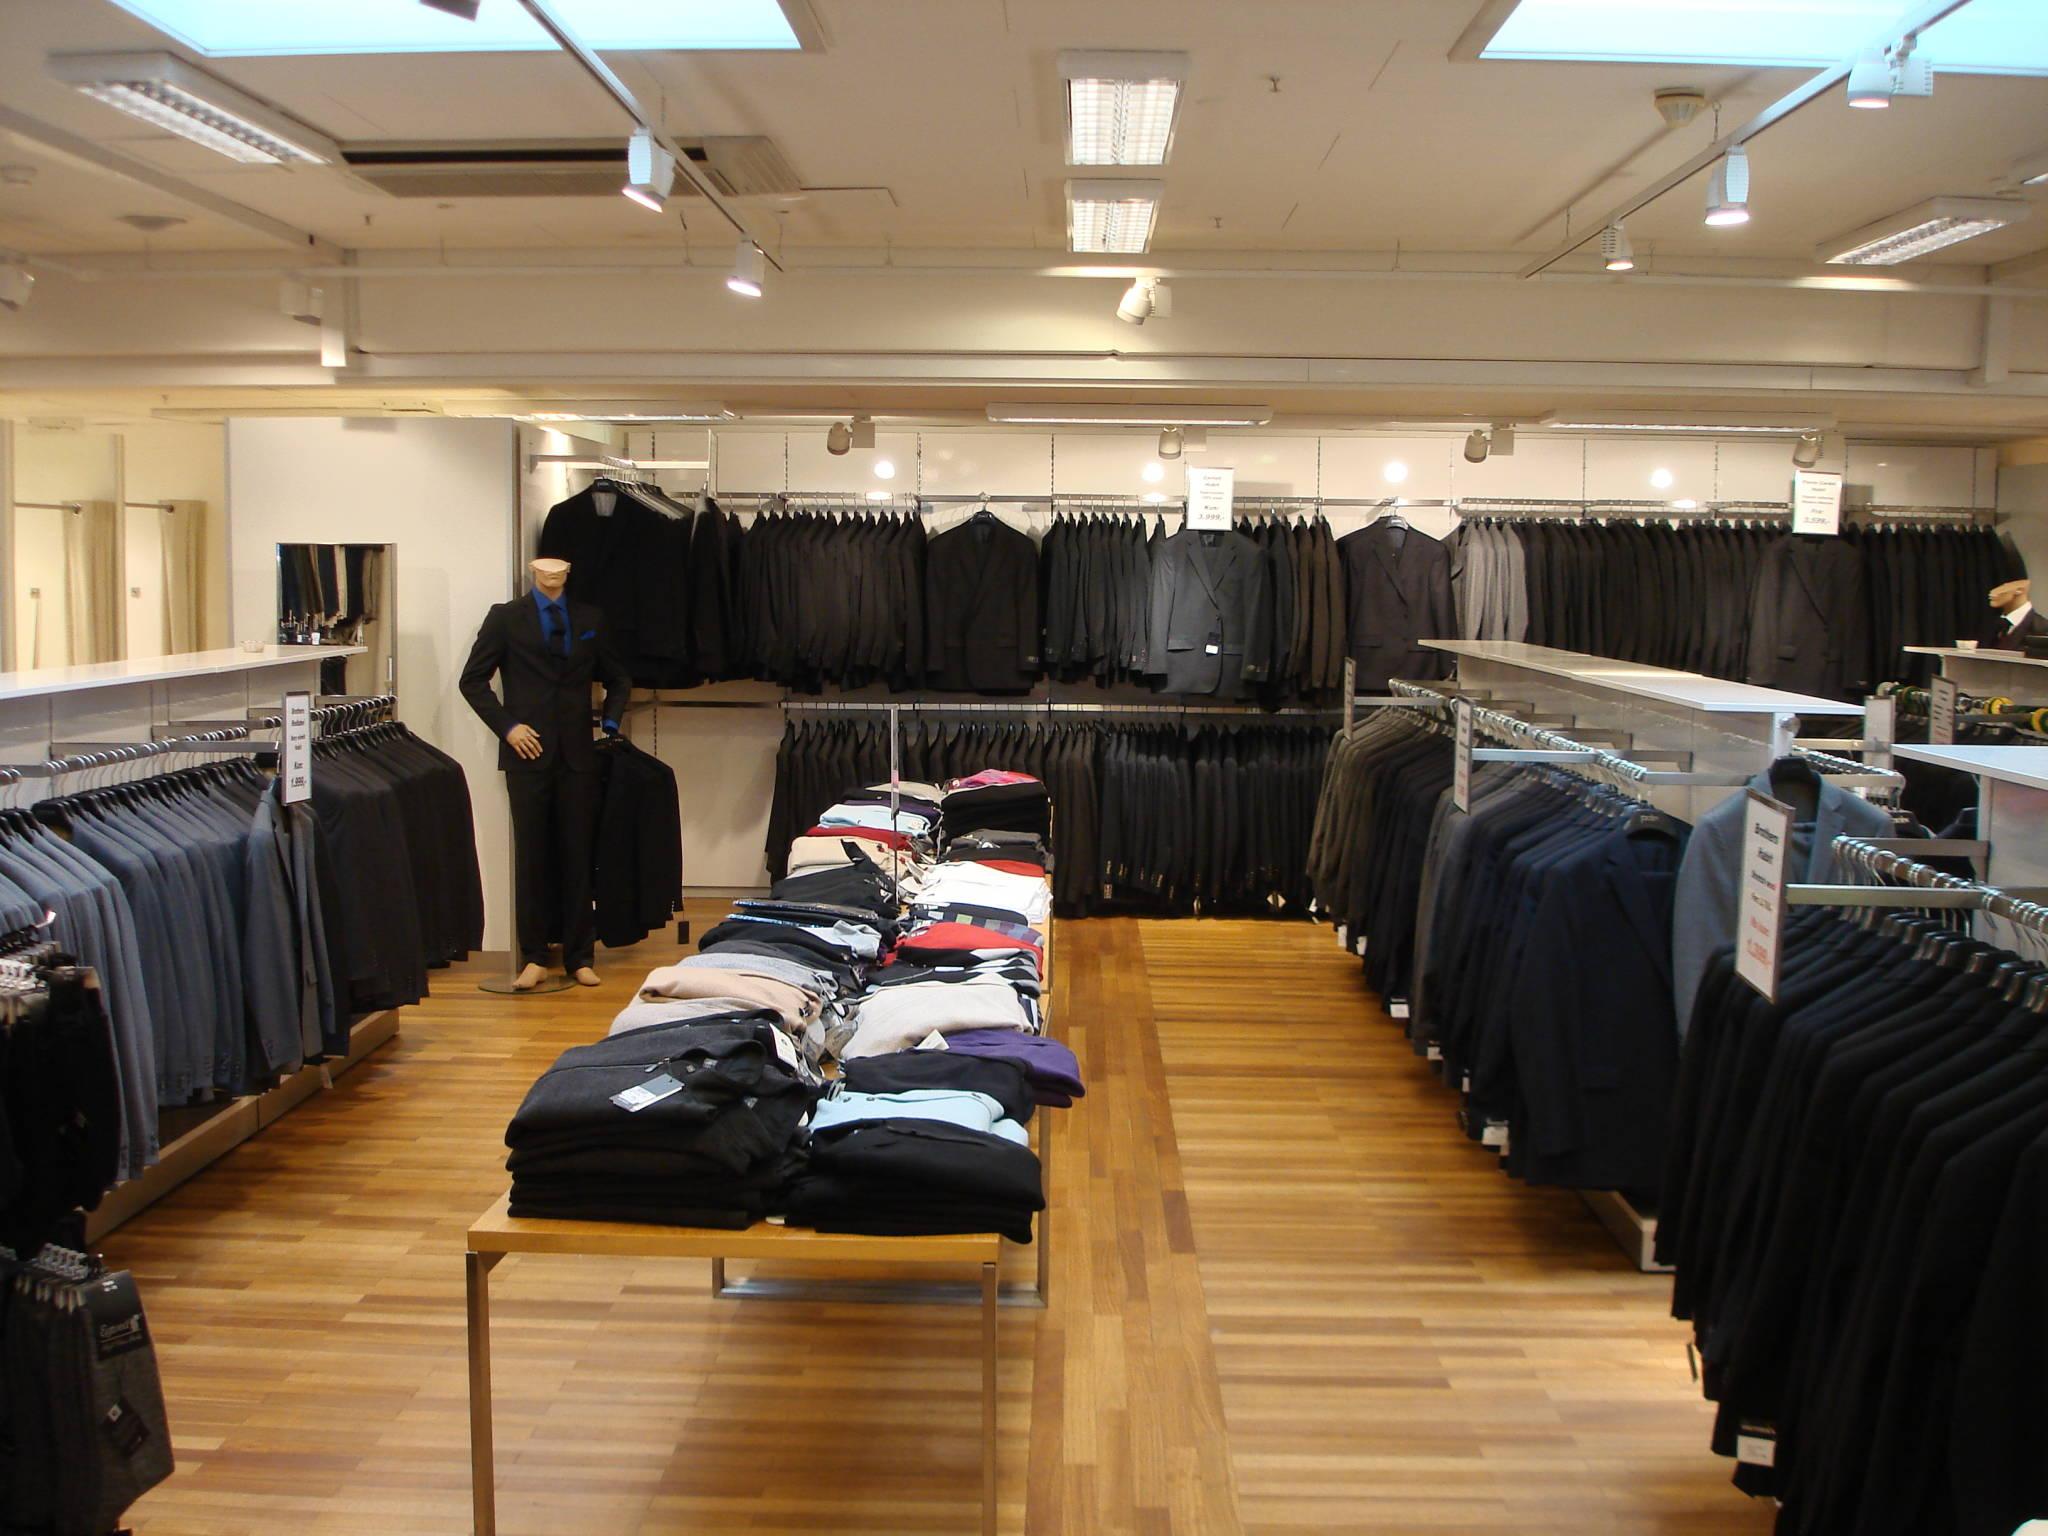 Herre butik salgsområder u2022 European Mannequins& Shop